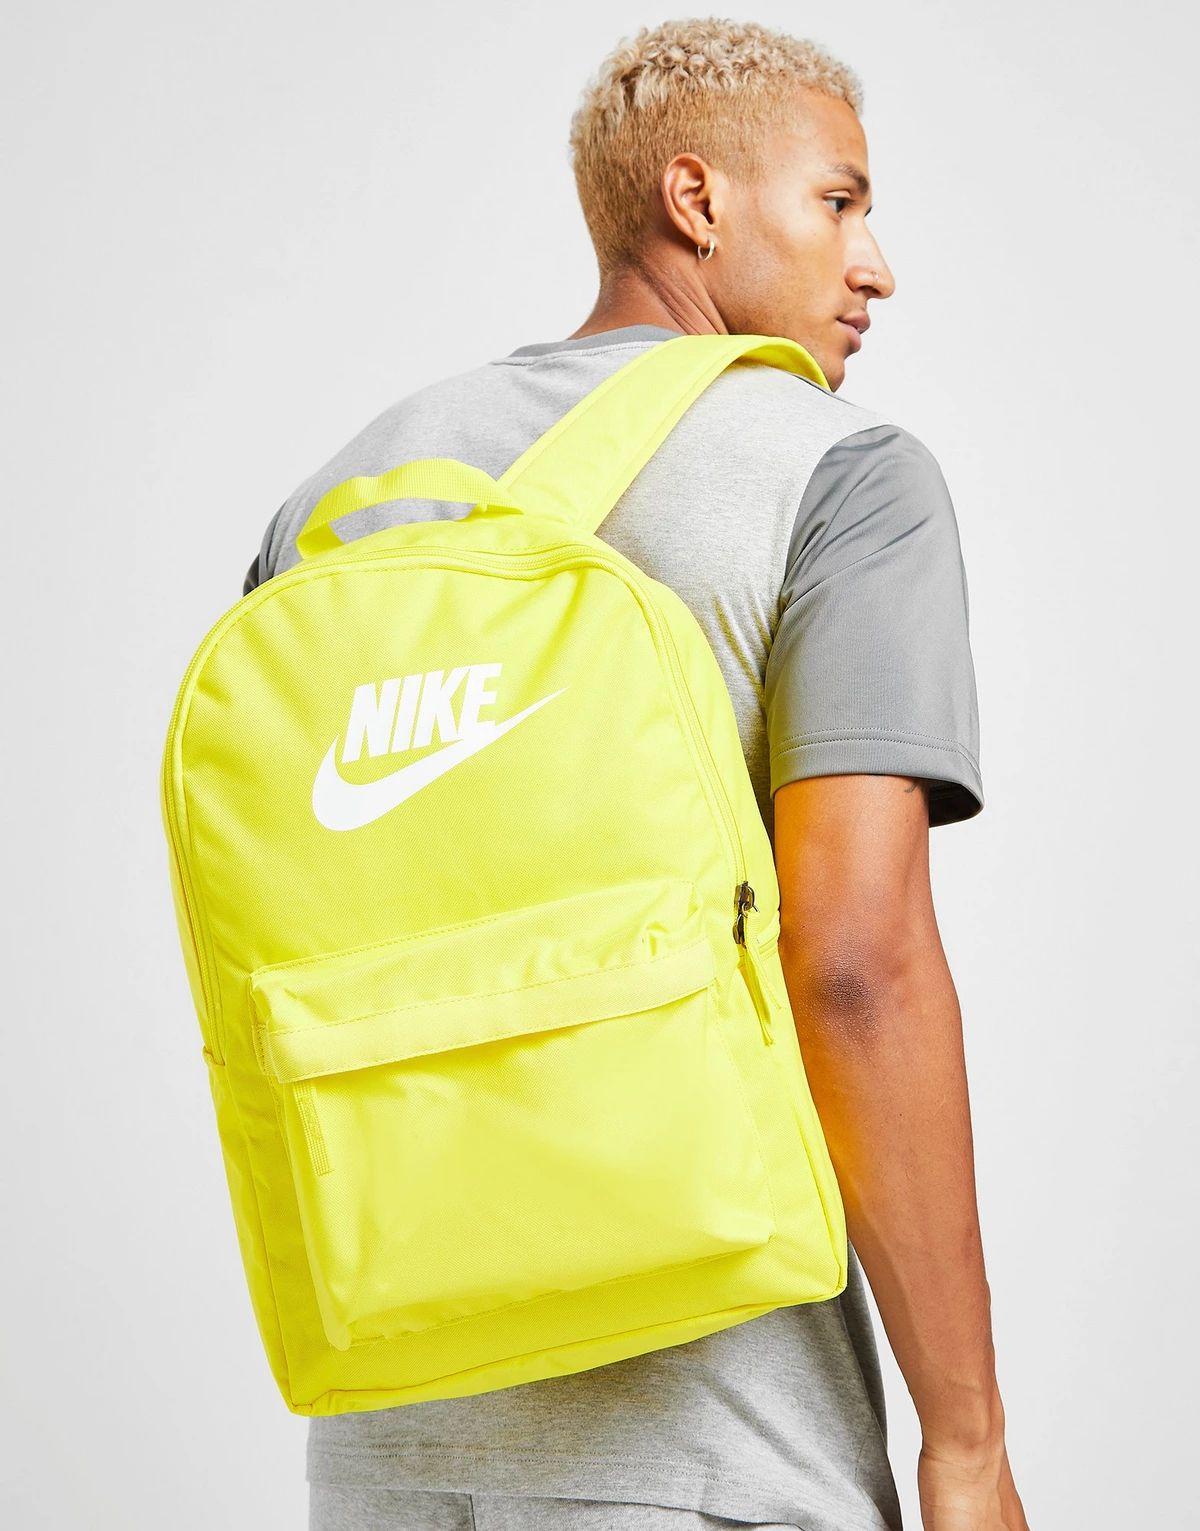 Sac à dos Nike Héritage - Jaune